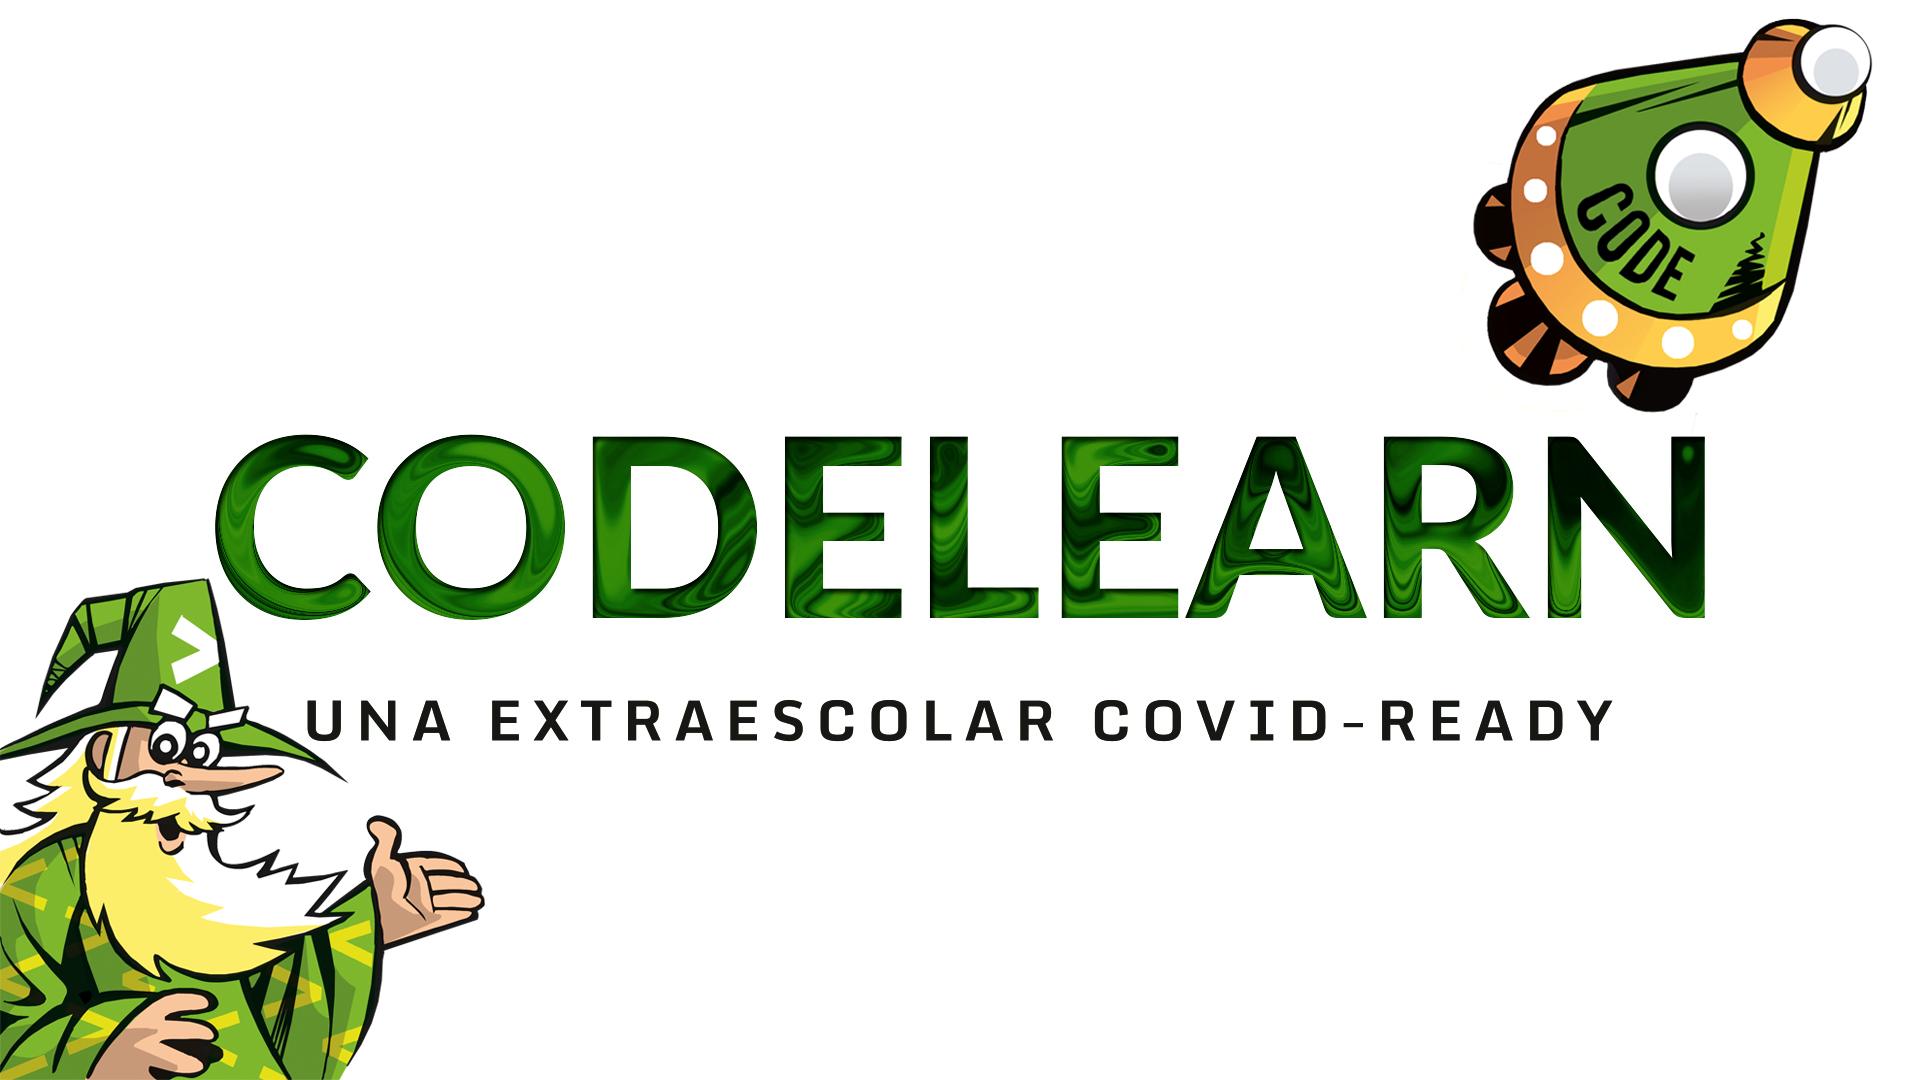 Codelearn, una extraescolar de programació i robòtica COVID-Ready